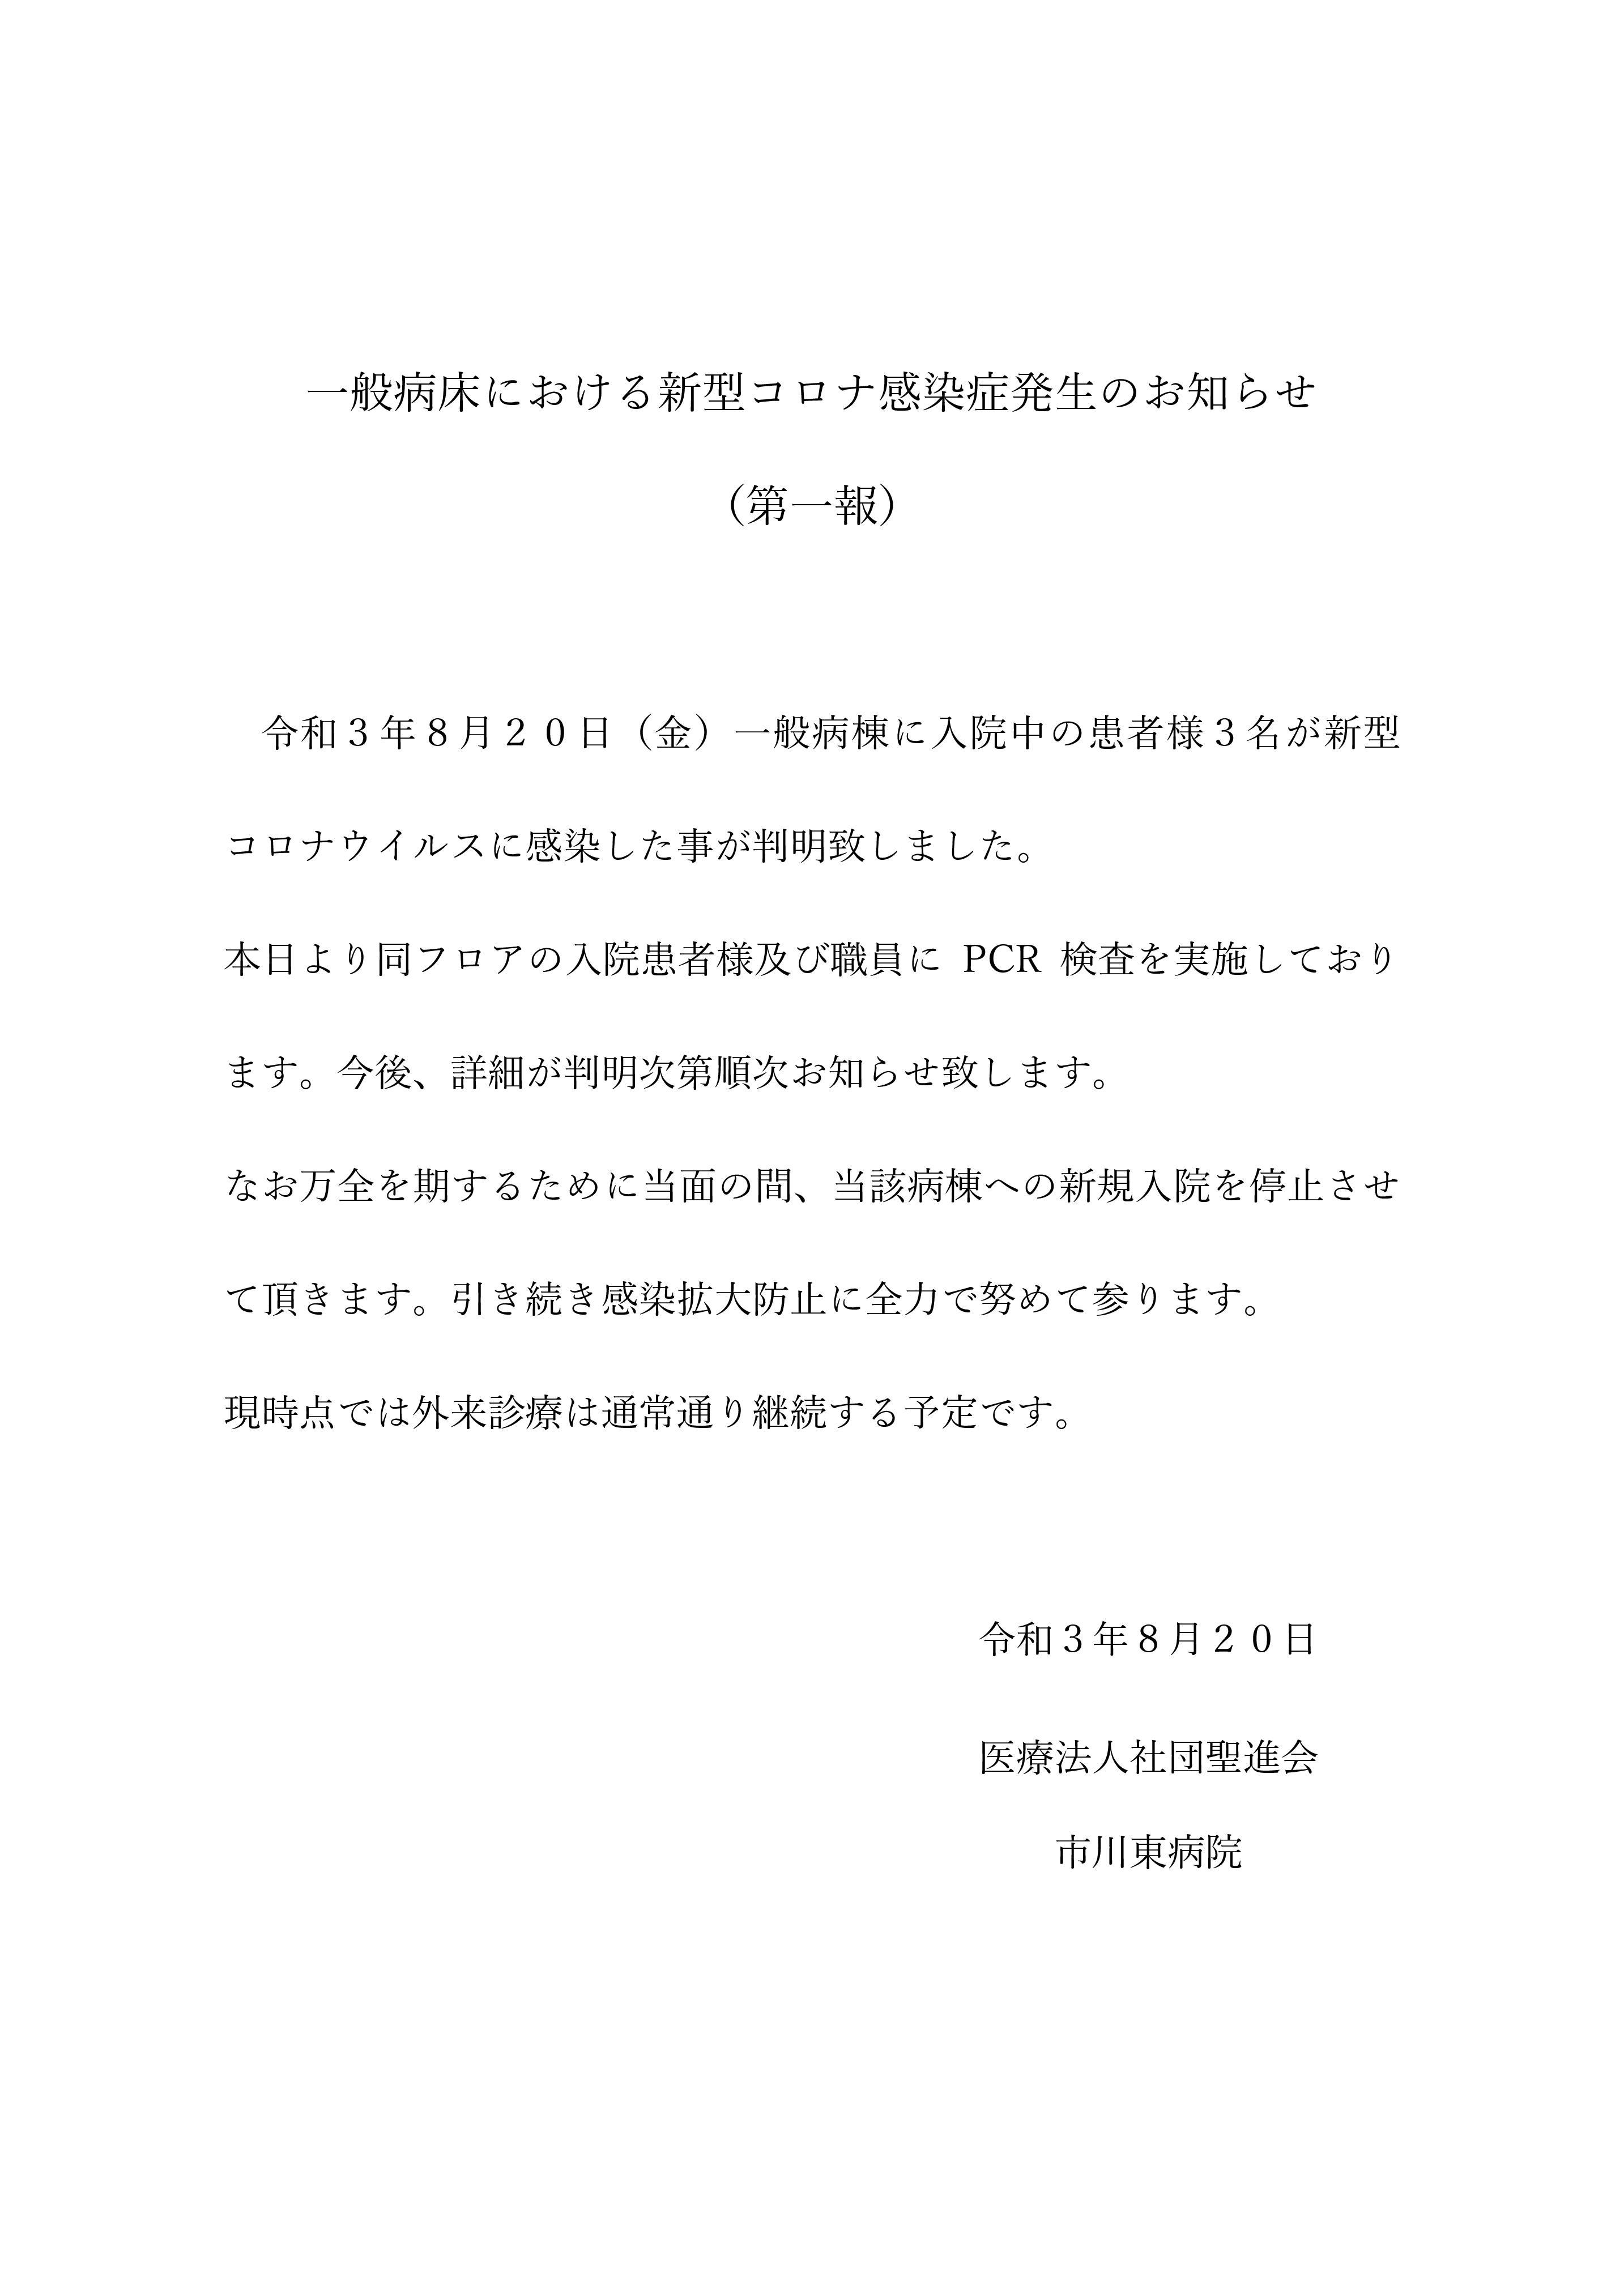 令和3年8月20日(金)一般病棟に入院中の患者様3名が新型コロナウイルスに感染した事が判明致しました。